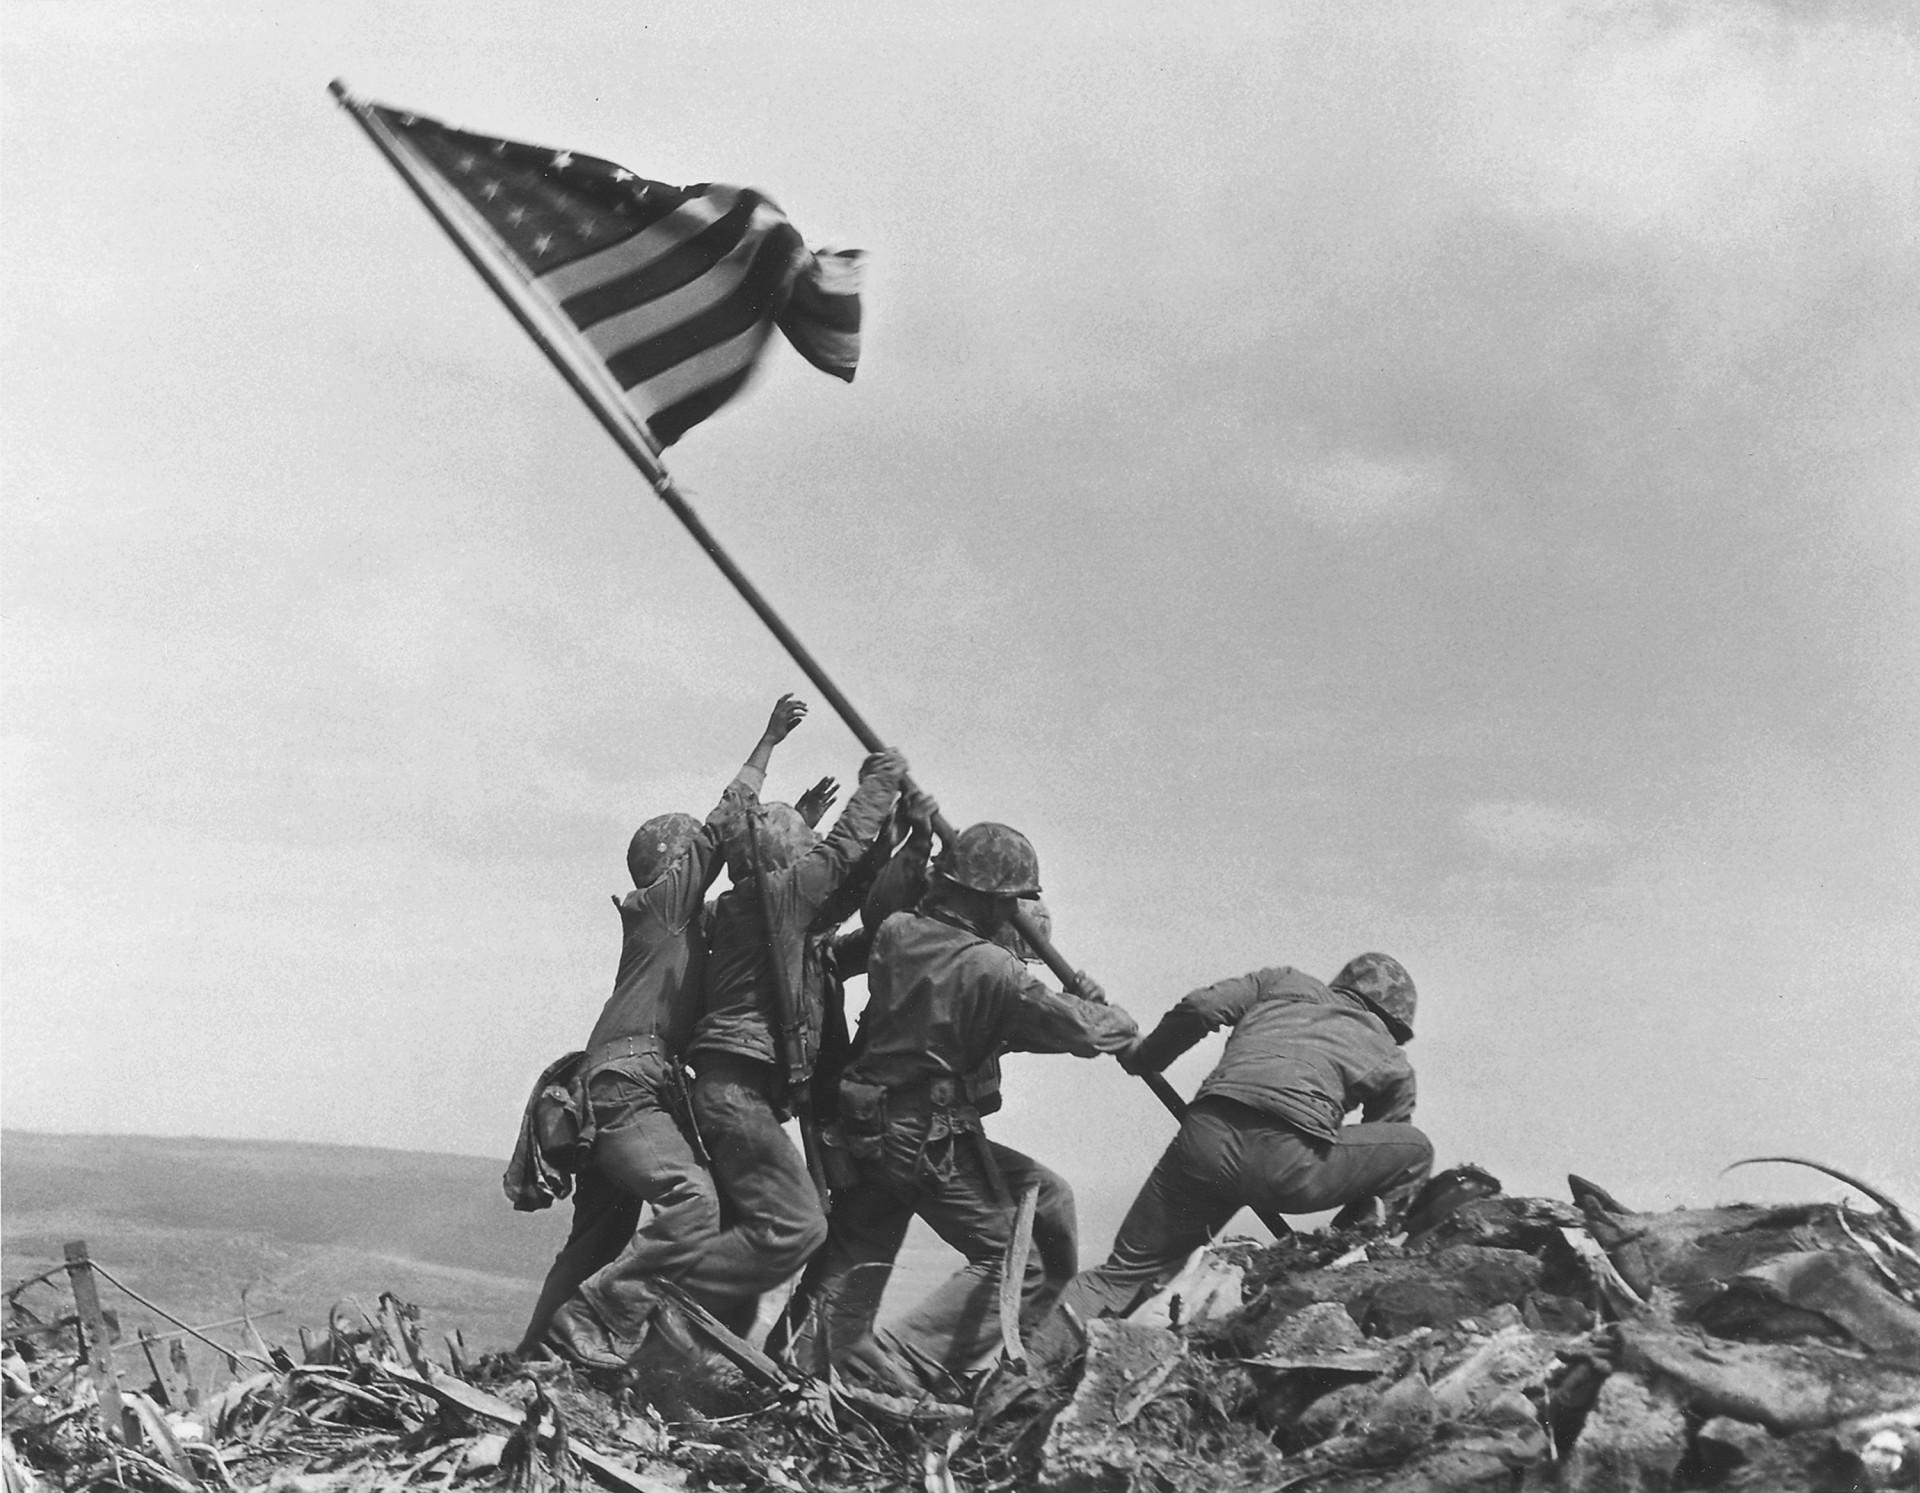 Iwo Jima: la bandiera americana issata sulla cima del monte Suribachi, conquistato  il 23 febbraio 1945. (AP Photo/Joe Rosenthal)